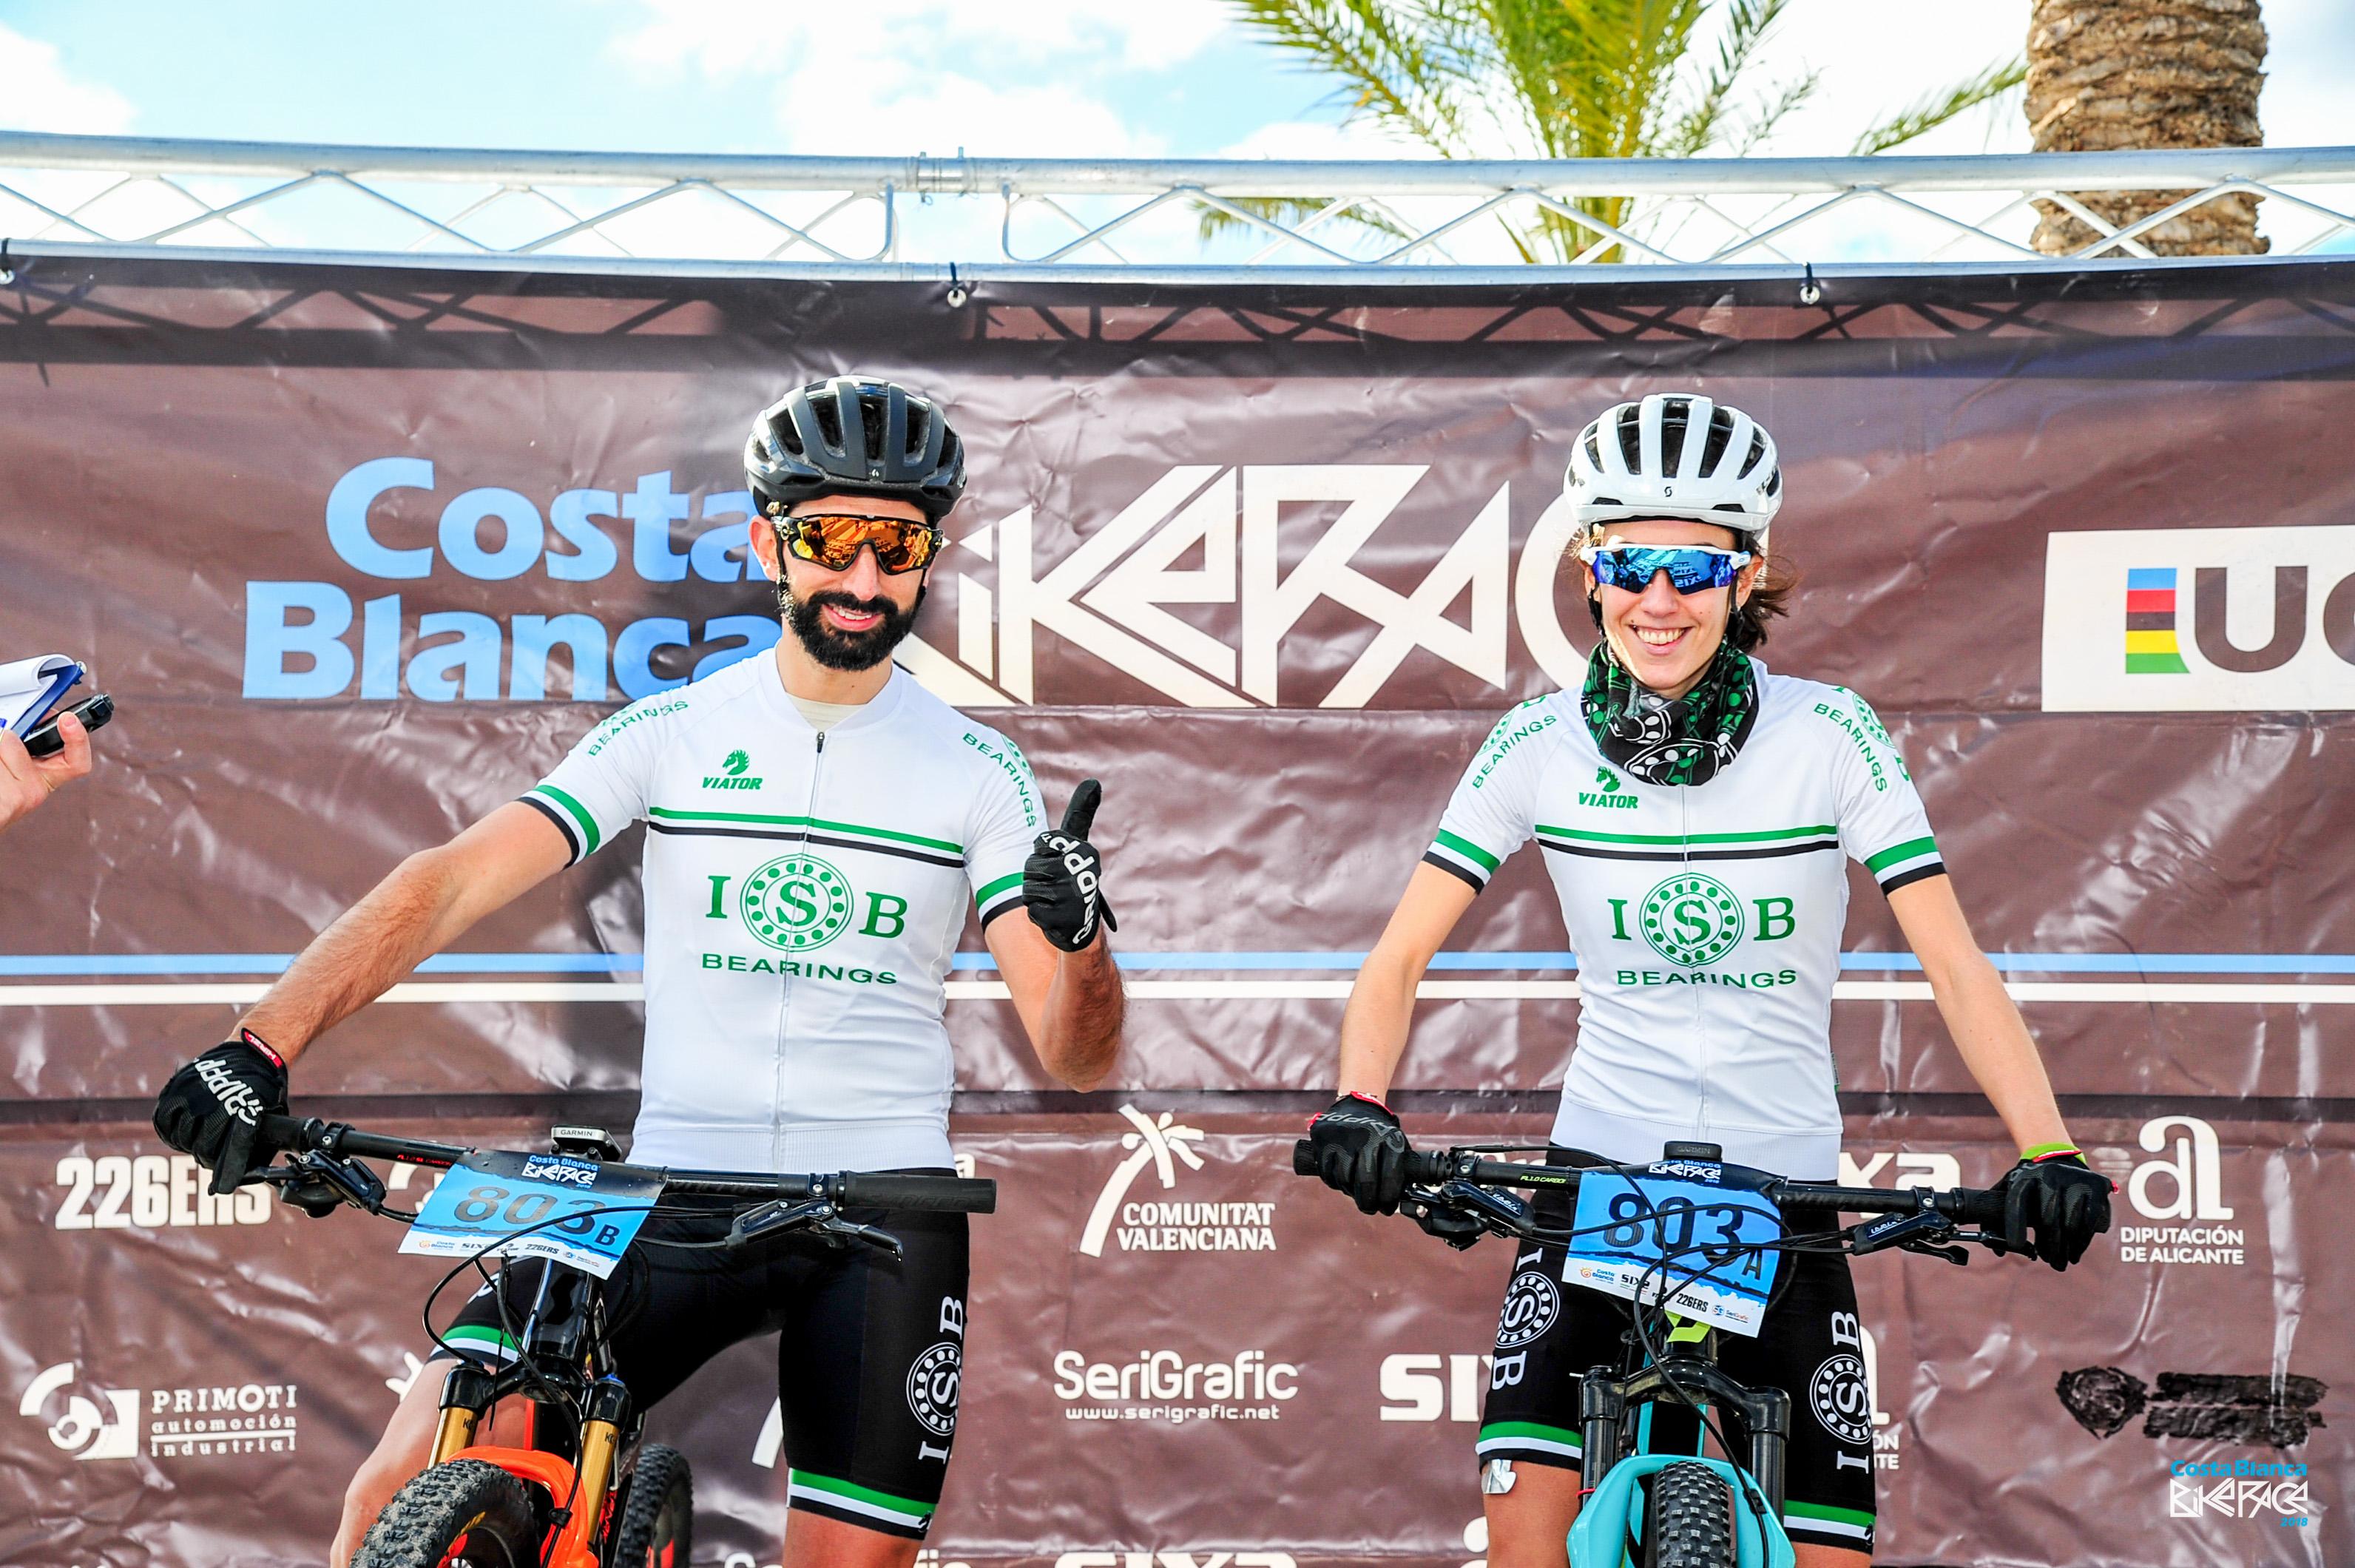 Rodamientos para bicicleta ISB Team en Costa Blanca Bike Race (1)